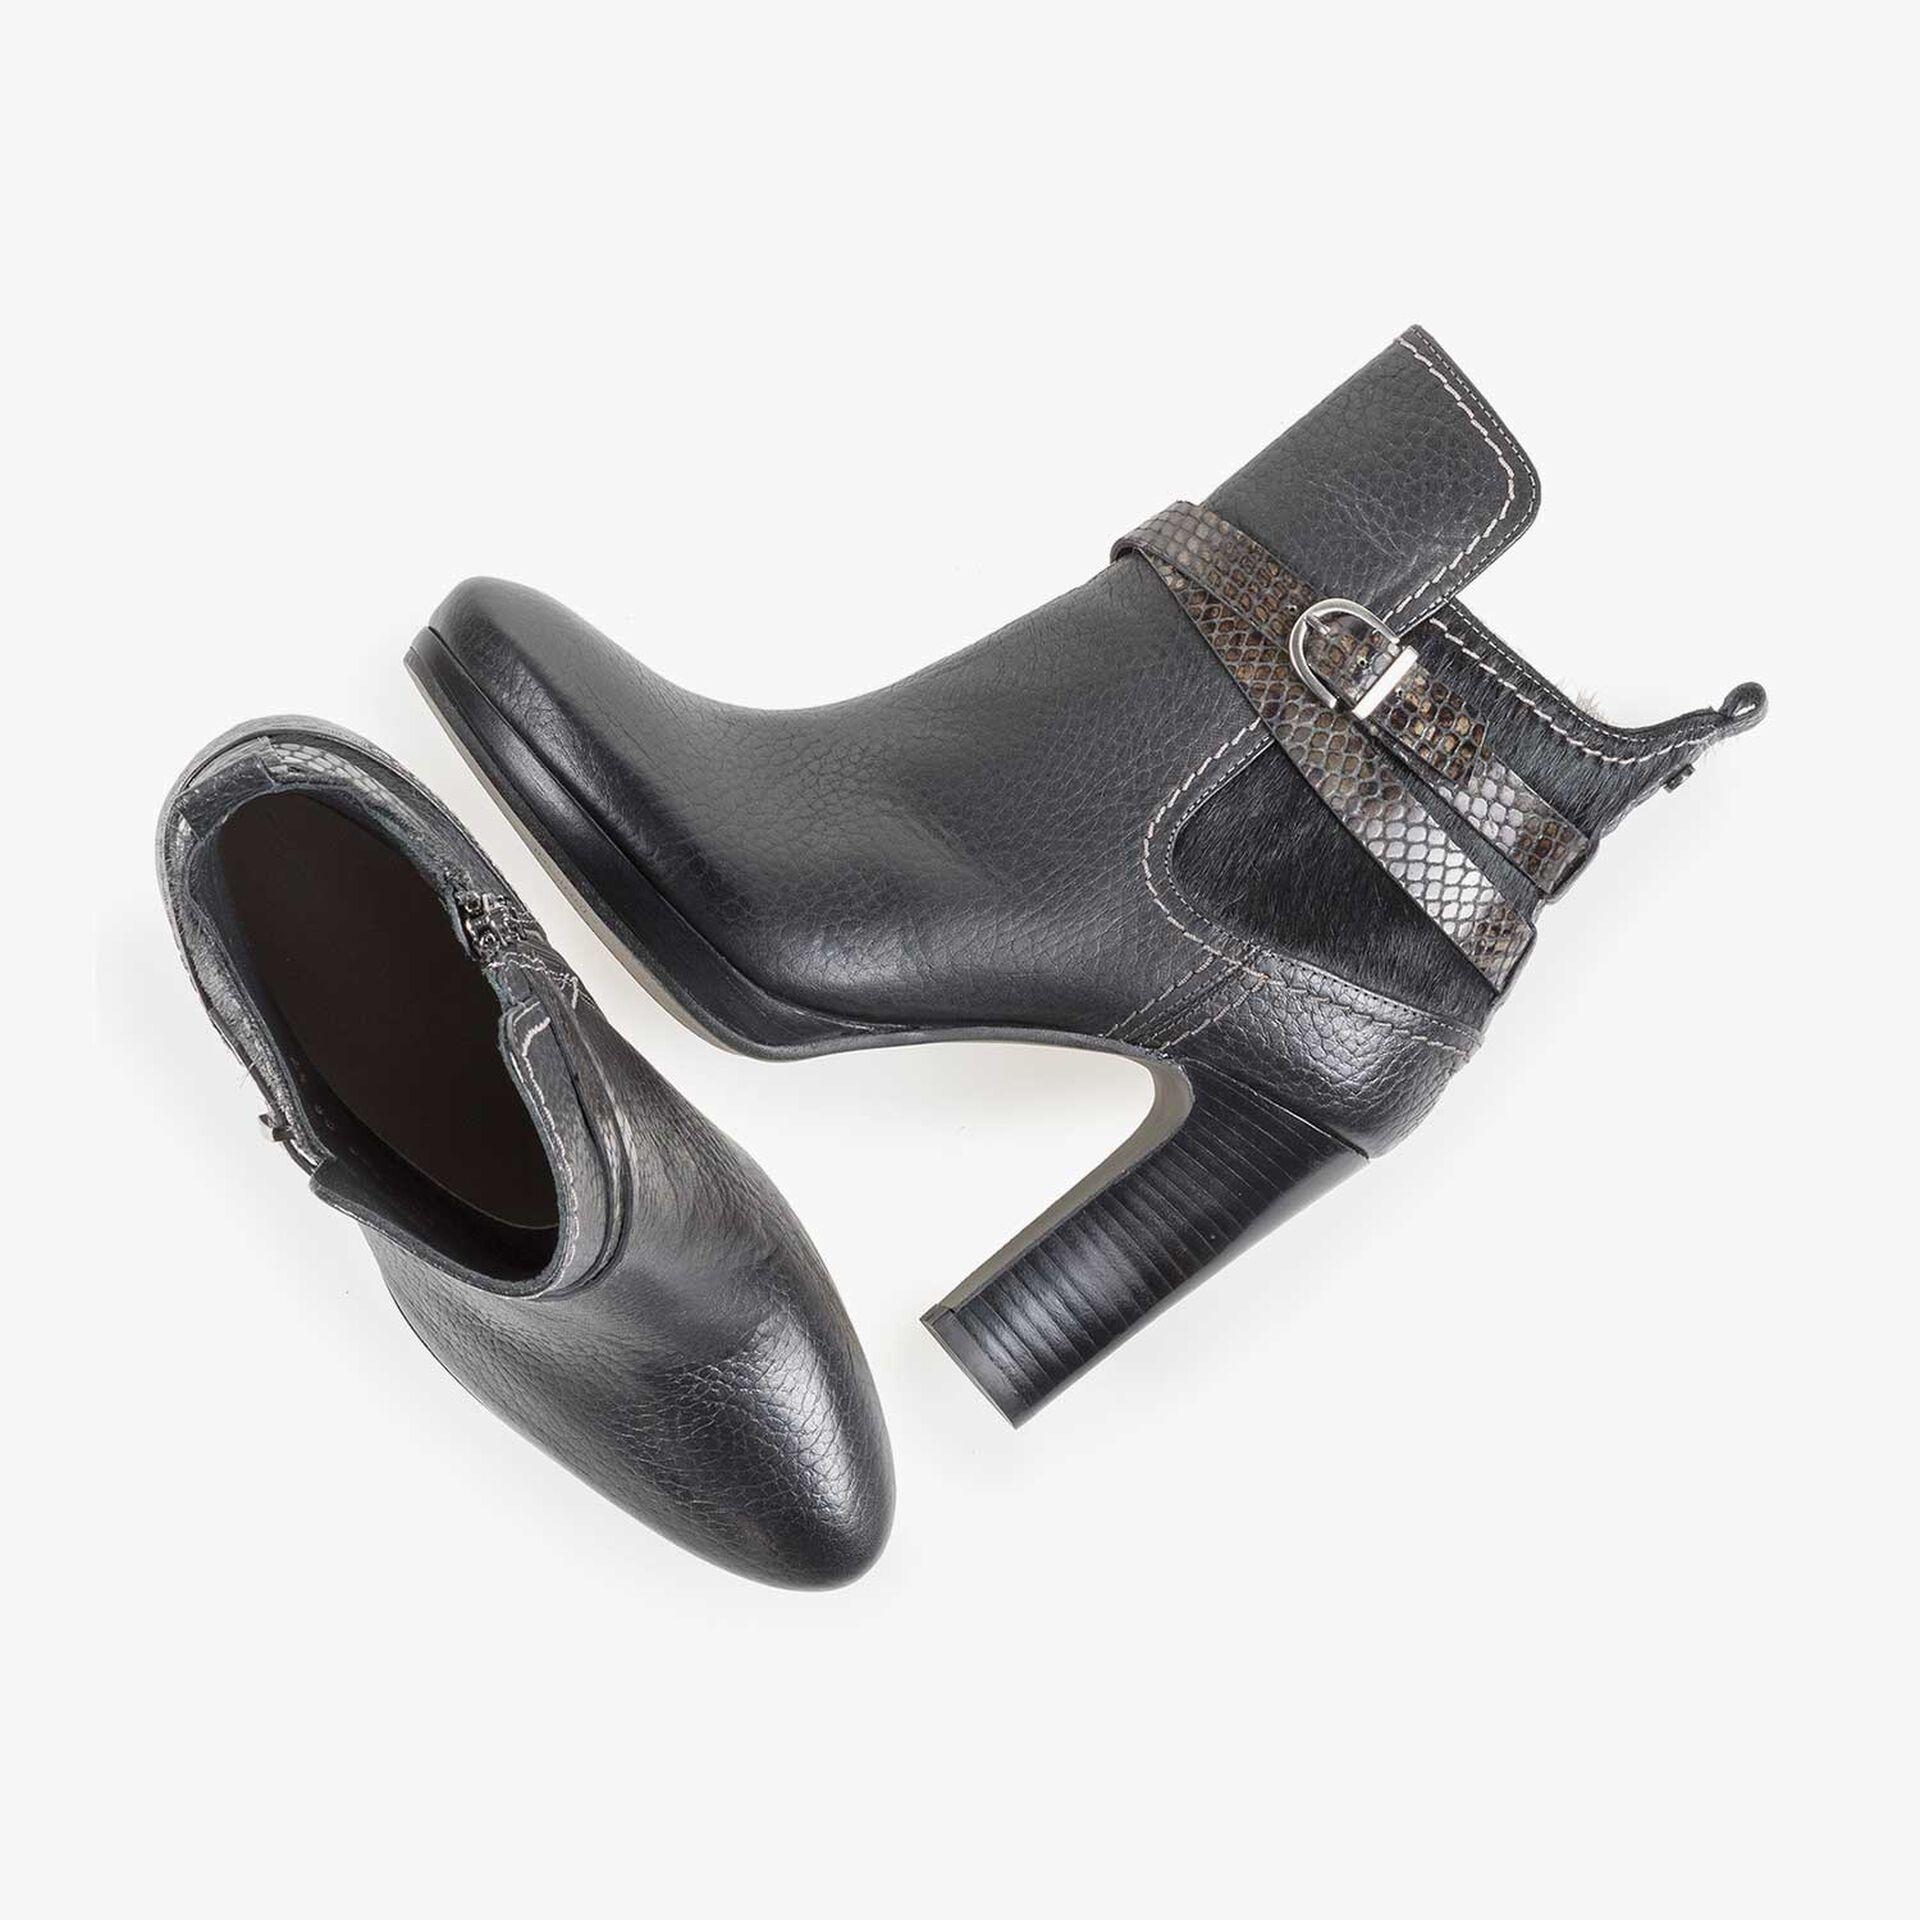 Schwarze Kalbsleder-Stiefelette mit Schnalle